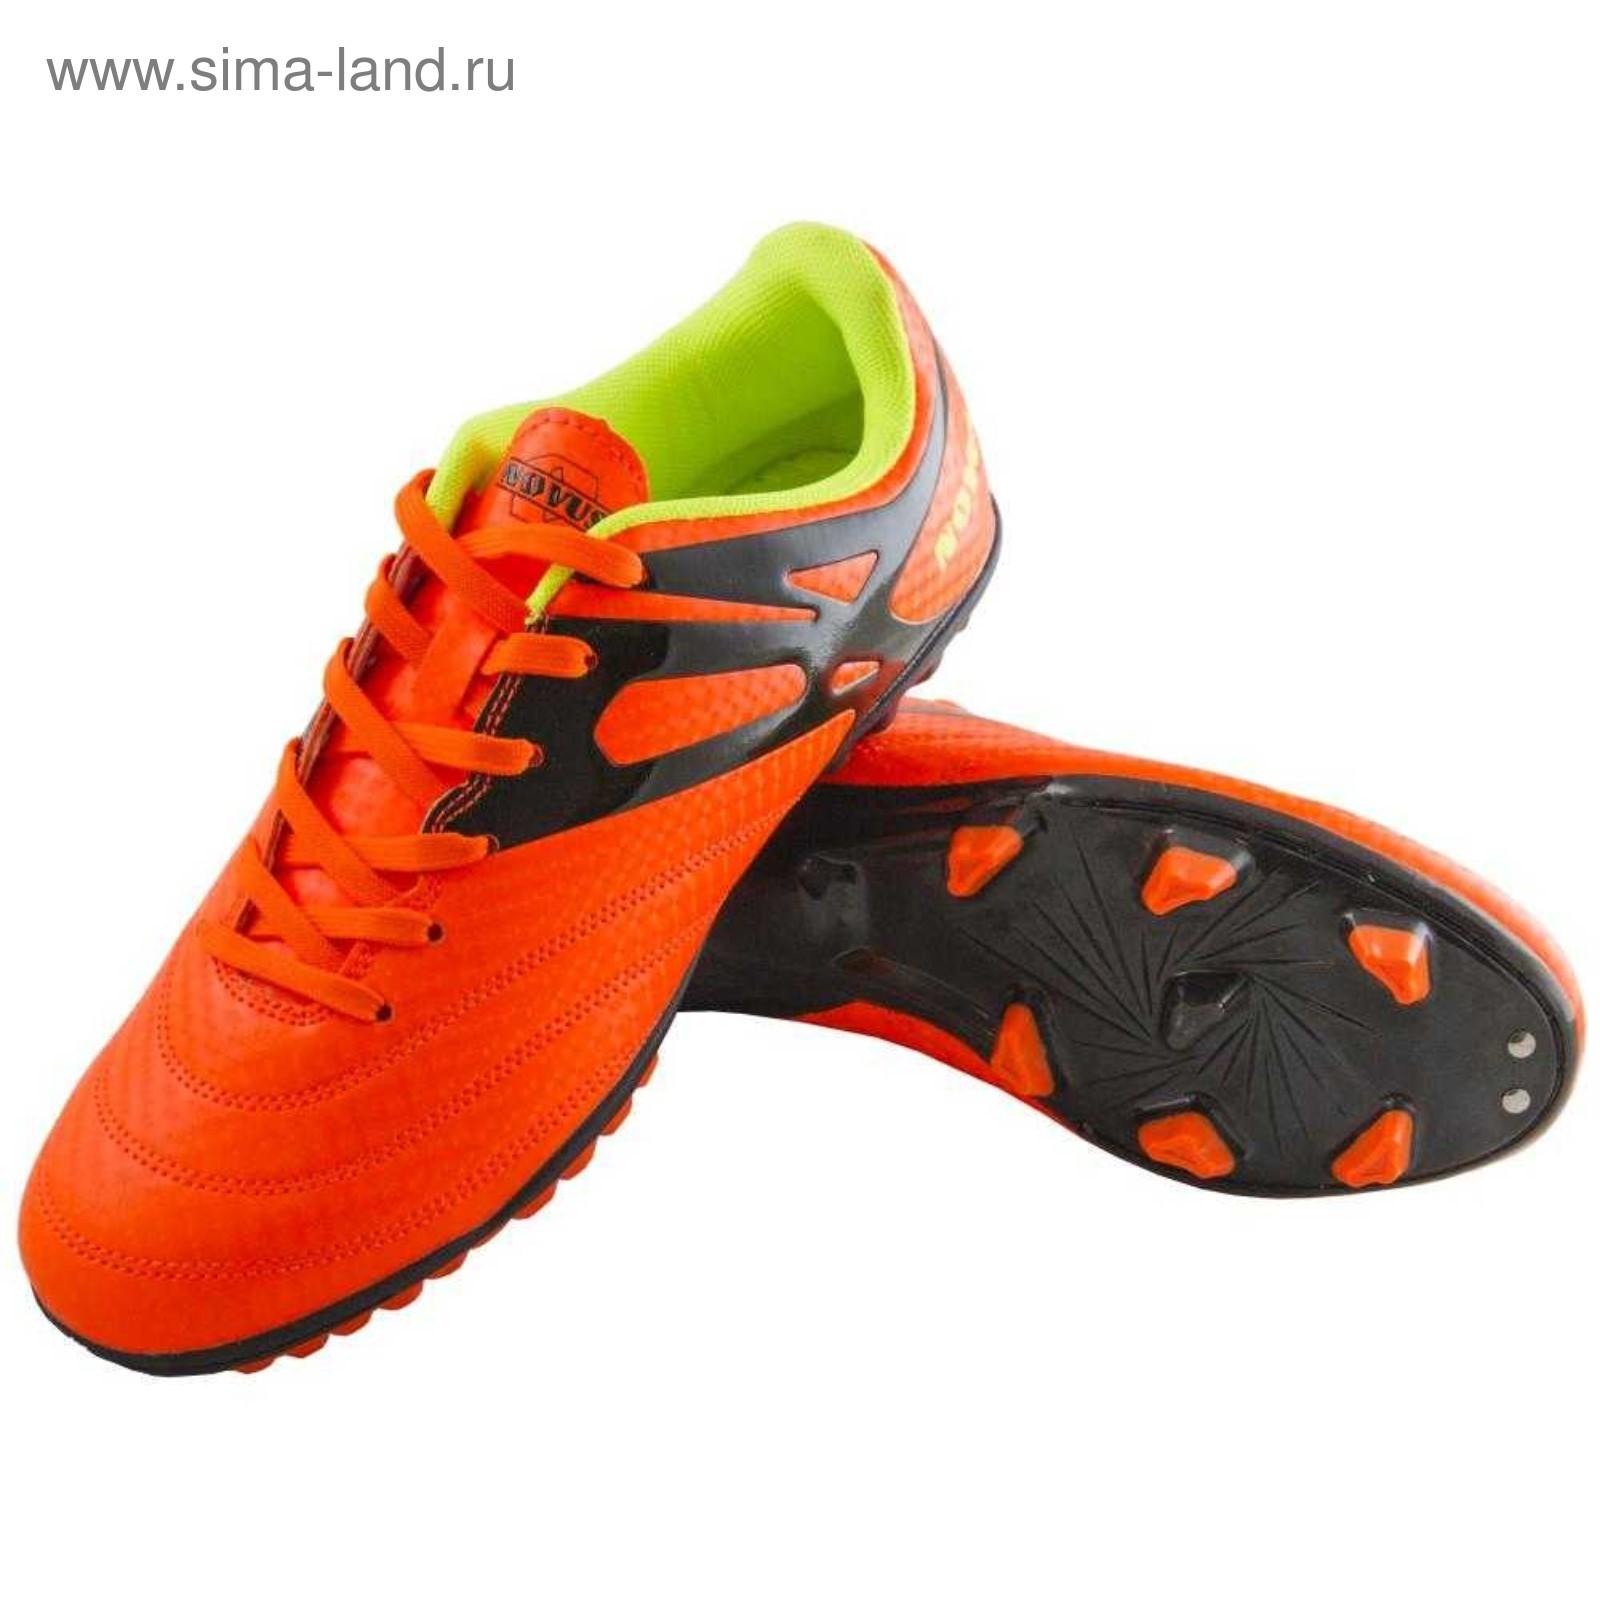 d3d1afce Футбольные бутсы Novus, цвет оранжевый, размер 45 (3843808) - Купить ...